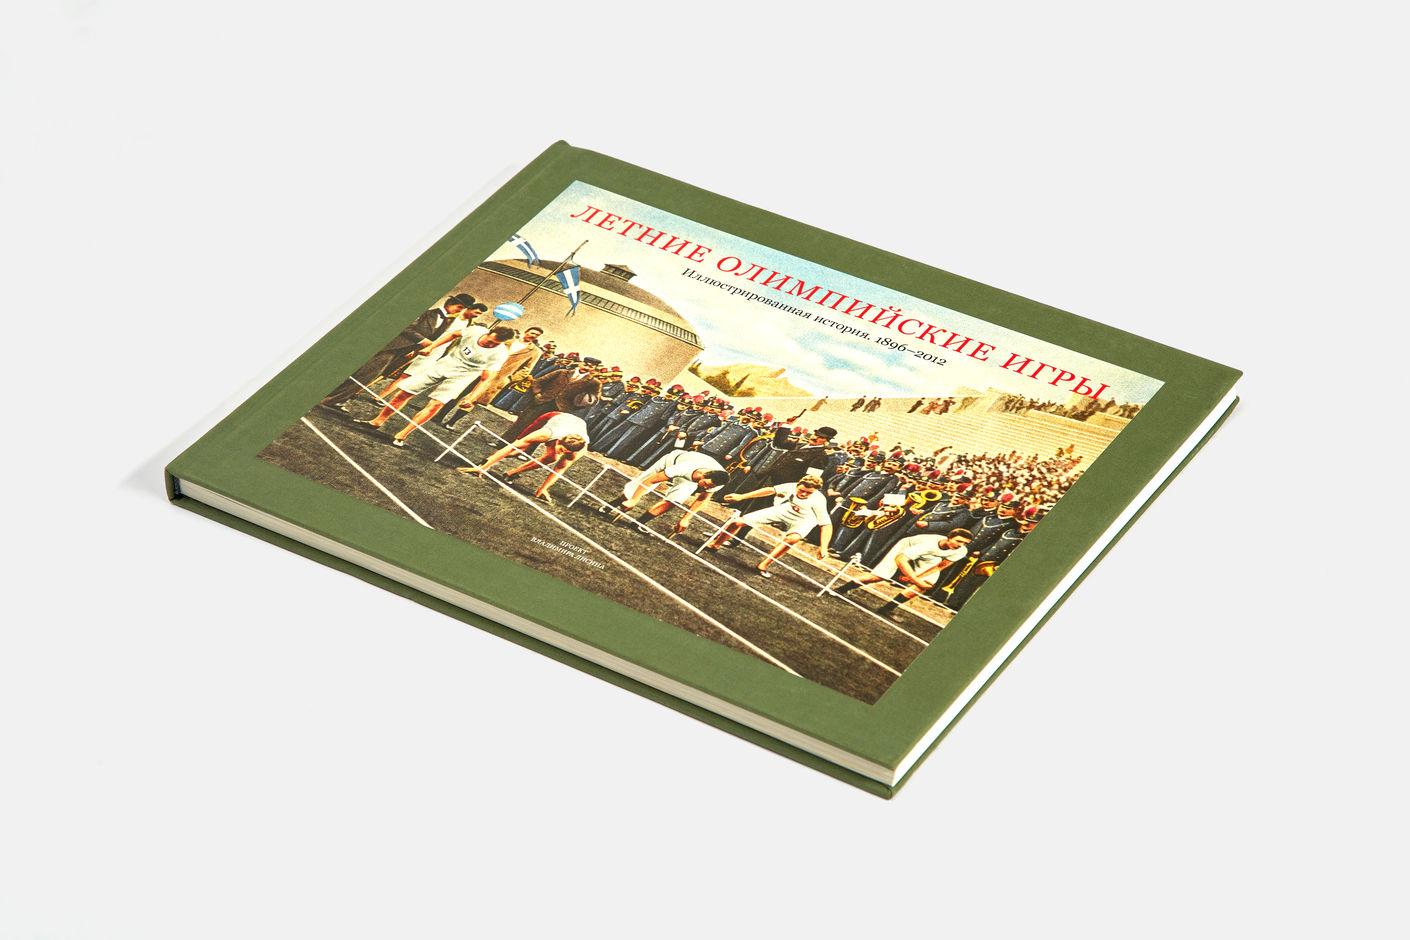 Подарочная книга Летние олимпийски игры. Иллюстрированная история 1896-2012, Агей Томеш